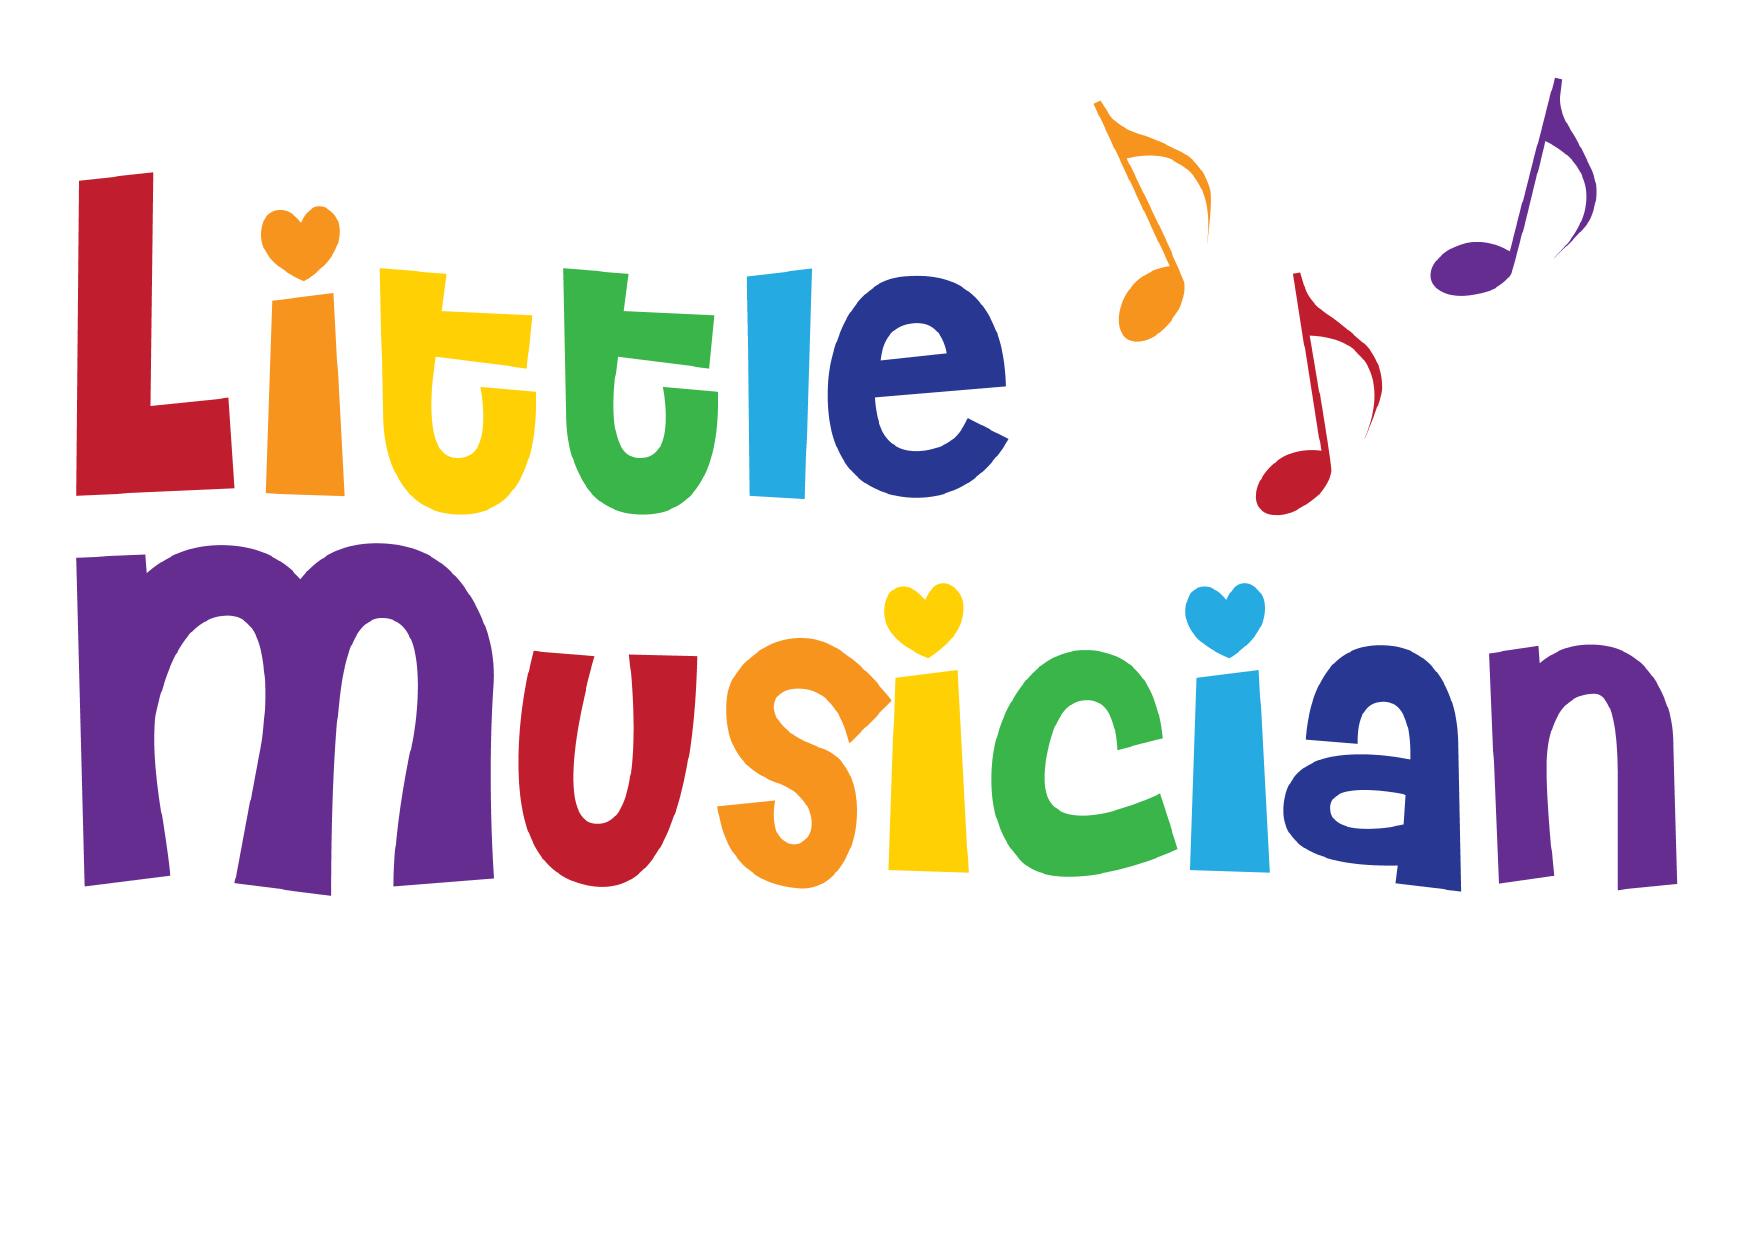 Nhạc Sĩ Là Gì? Tìm Hiểu Về Nhạc Sĩ Là Gì?